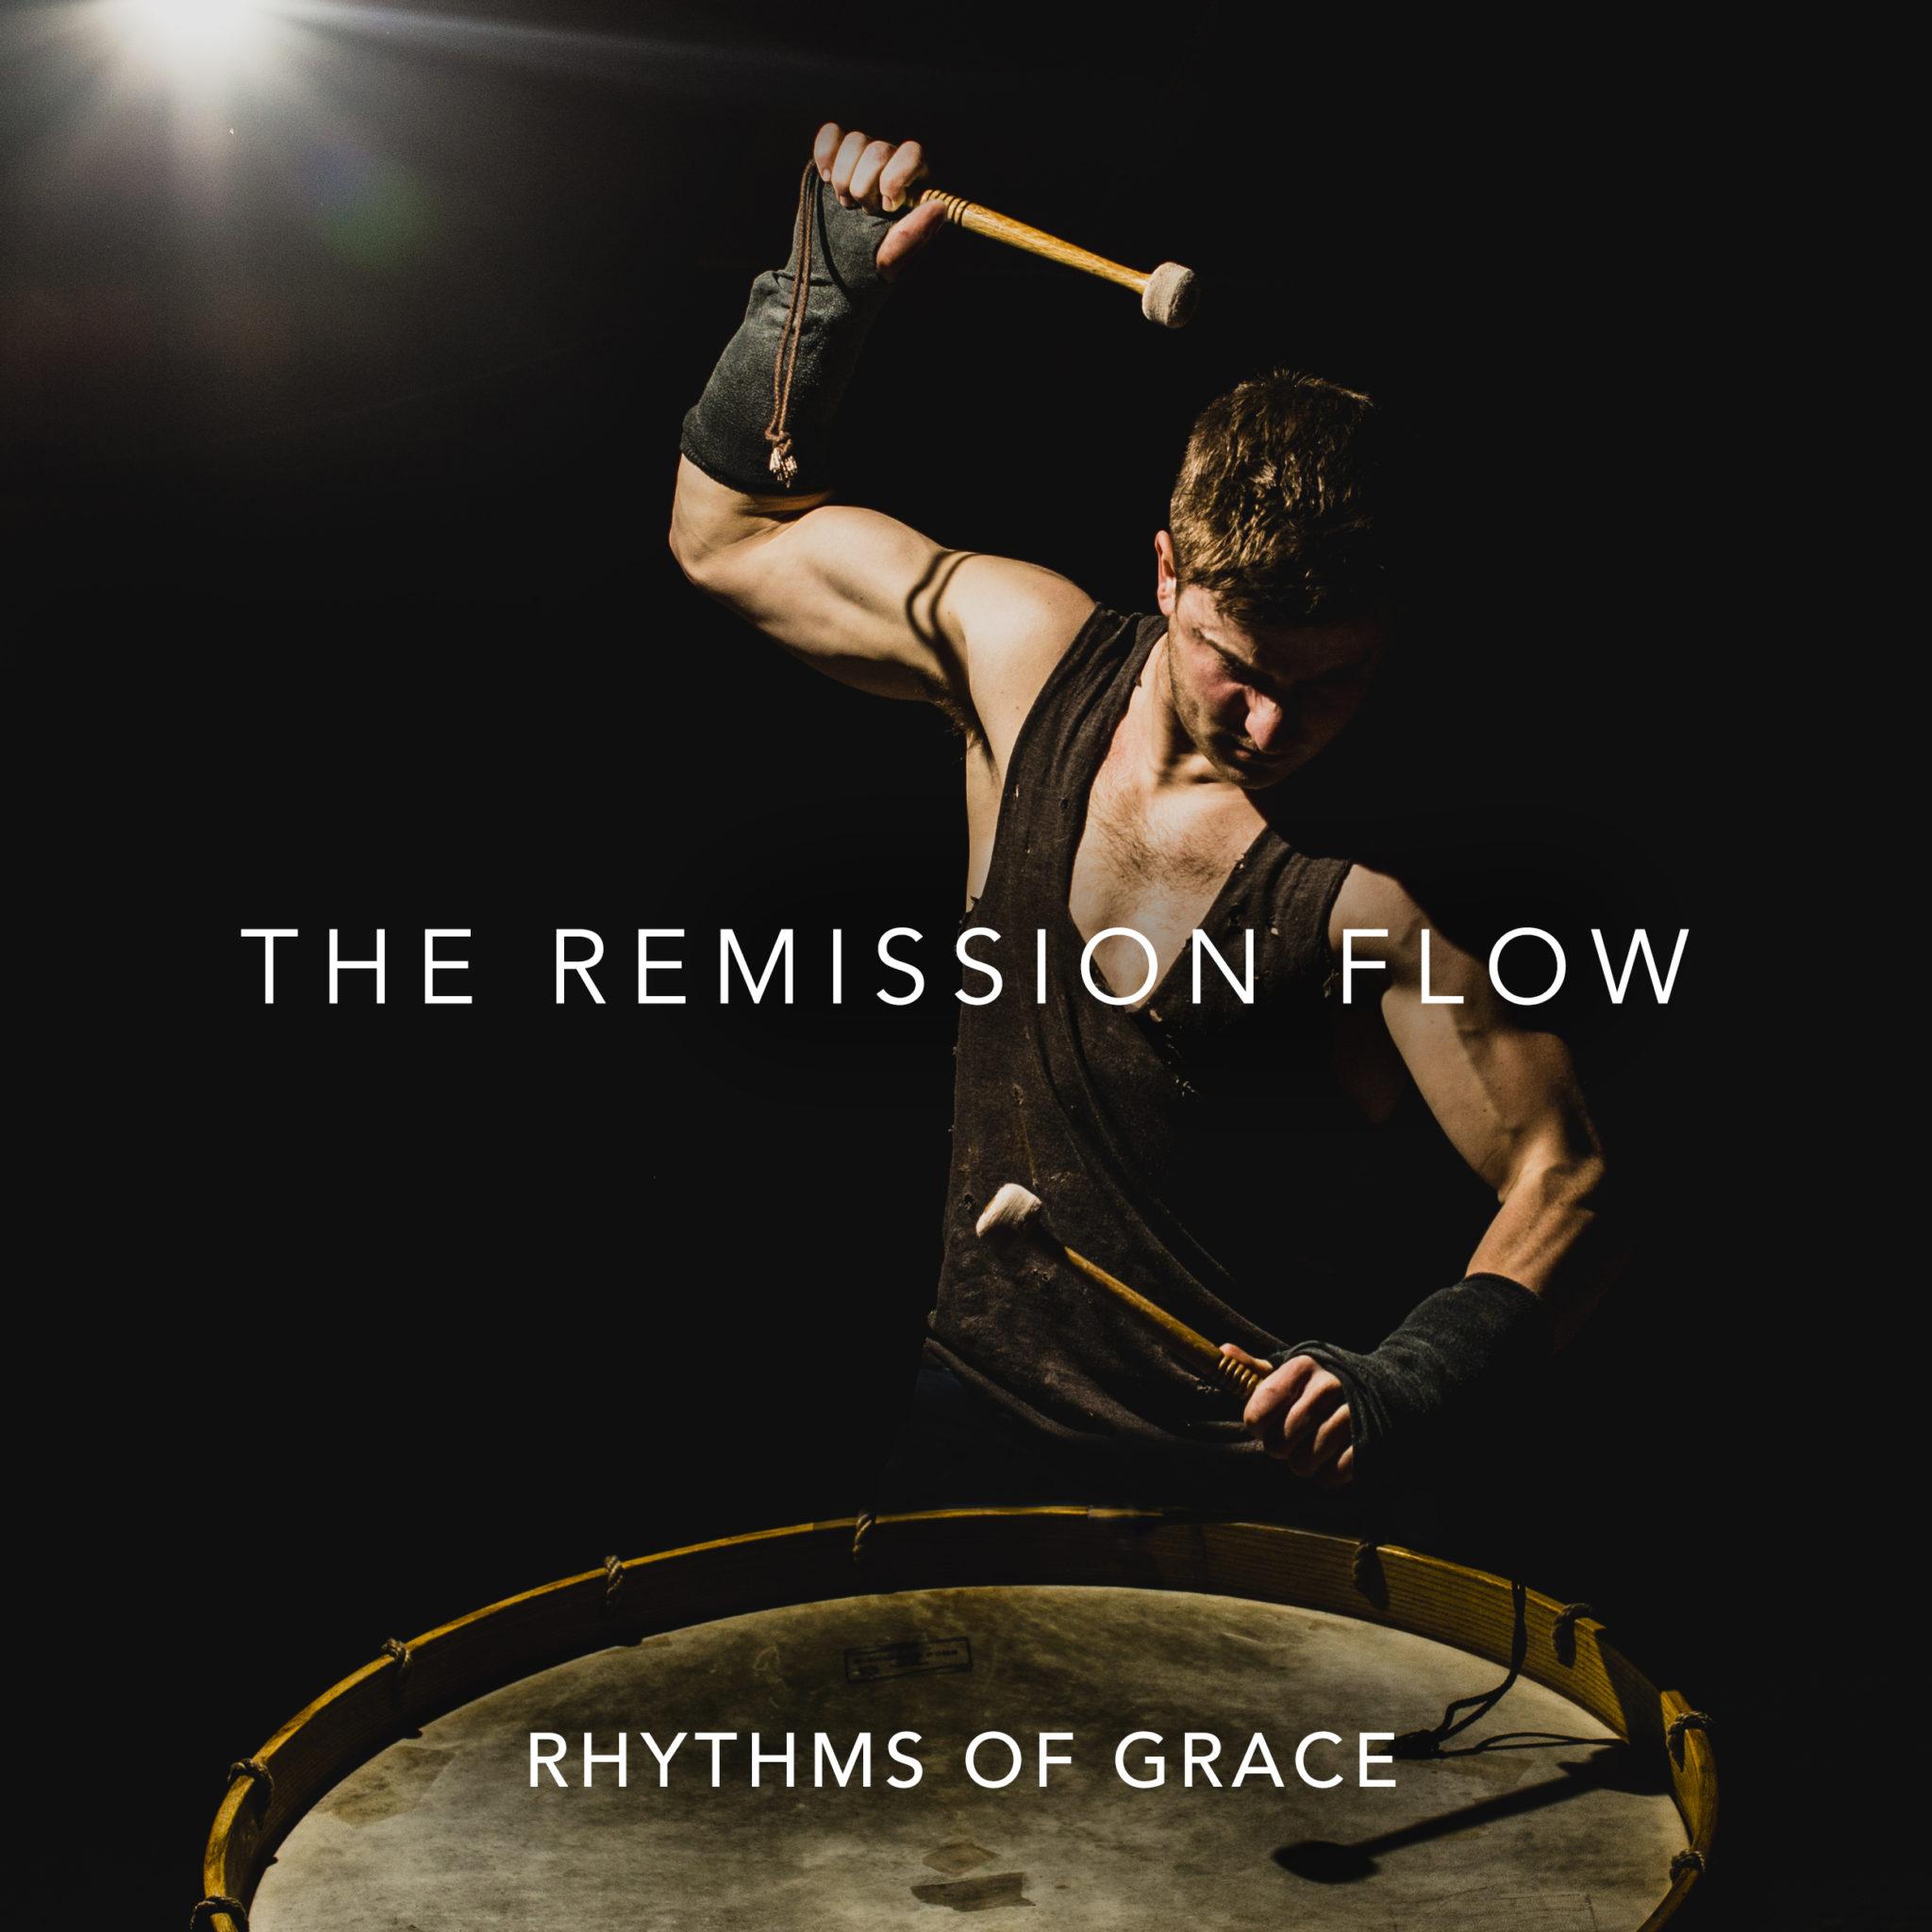 trf-rhythms-of-grace-high